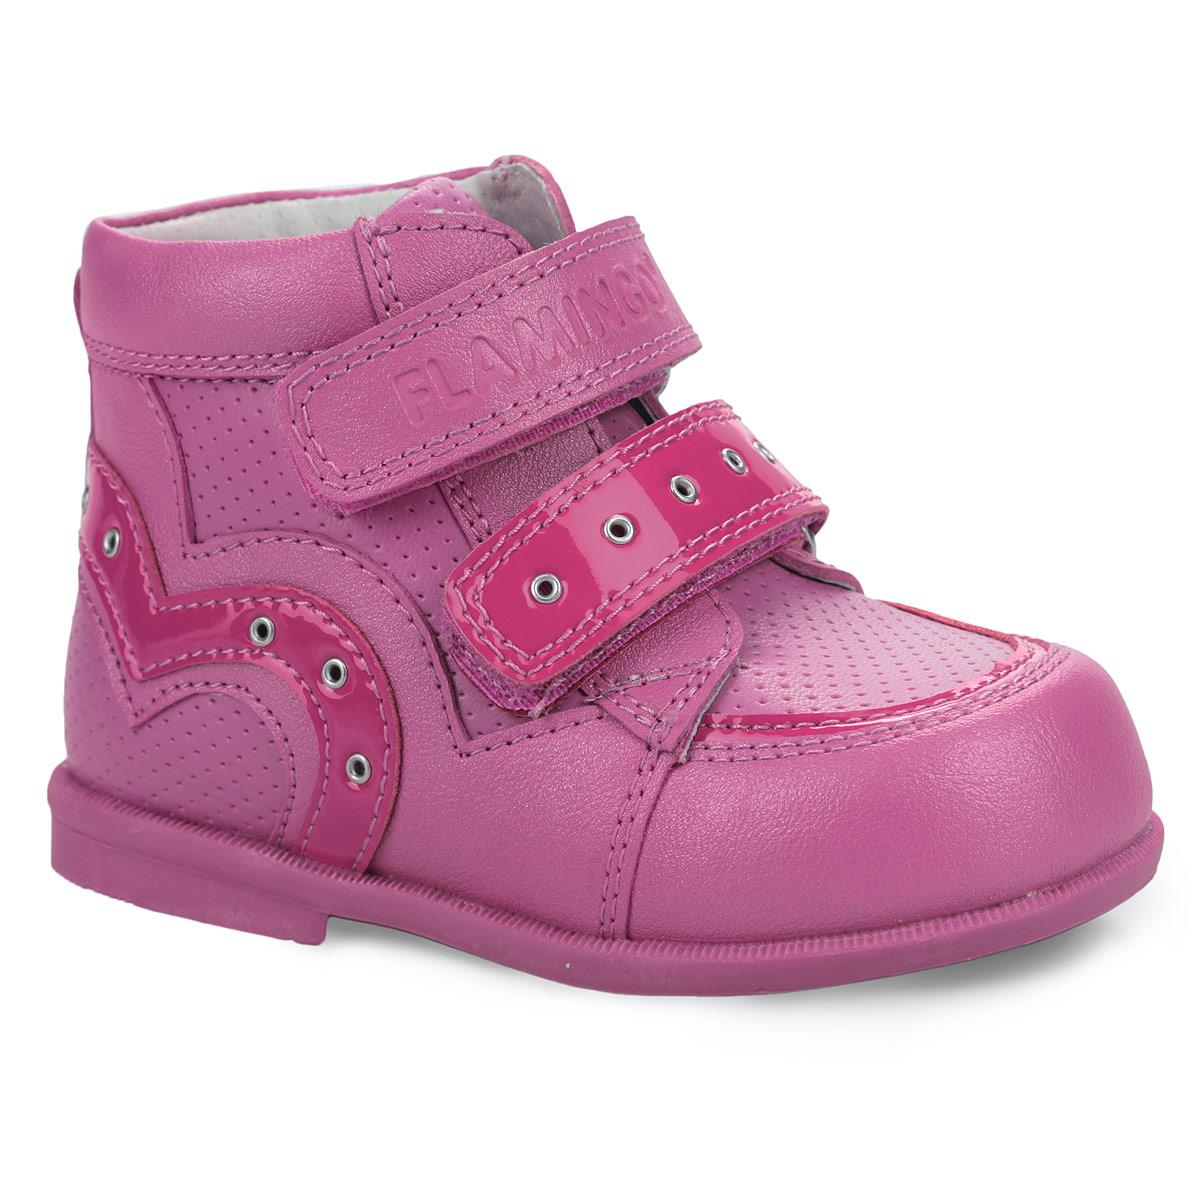 Ботинки для девочки. QP5701QP5701Модные ботинки от Flamingo придутся по душе вашей дочурке! Модель изготовлена из натуральной кожи со вставками из искусственной лаковой кожи. Обувь оформлена декоративной прострочкой, перфорацией, задним наружным ремнем, сбоку и на ремешке - декоративными люверсами. Перфорация позволяет ногам дышать. Ярлычок на заднике облегчает надевание обуви. Ремешки с застежками-липучками, пропущенные через шлевки на подъеме, надежно зафиксируют ногу ребенка. Кожаная стелька дополнена супинатором, который обеспечивает правильное положение ноги ребенка при ходьбе, предотвращает плоскостопие. Ортопедический каблук Томаса укрепляет подошву под средней частью стопы и препятствует заваливанию детской стопы внутрь. Подошва оснащена противоскользящим рифлением. Стильные ботинки займут достойное место в гардеробе вашего ребенка.